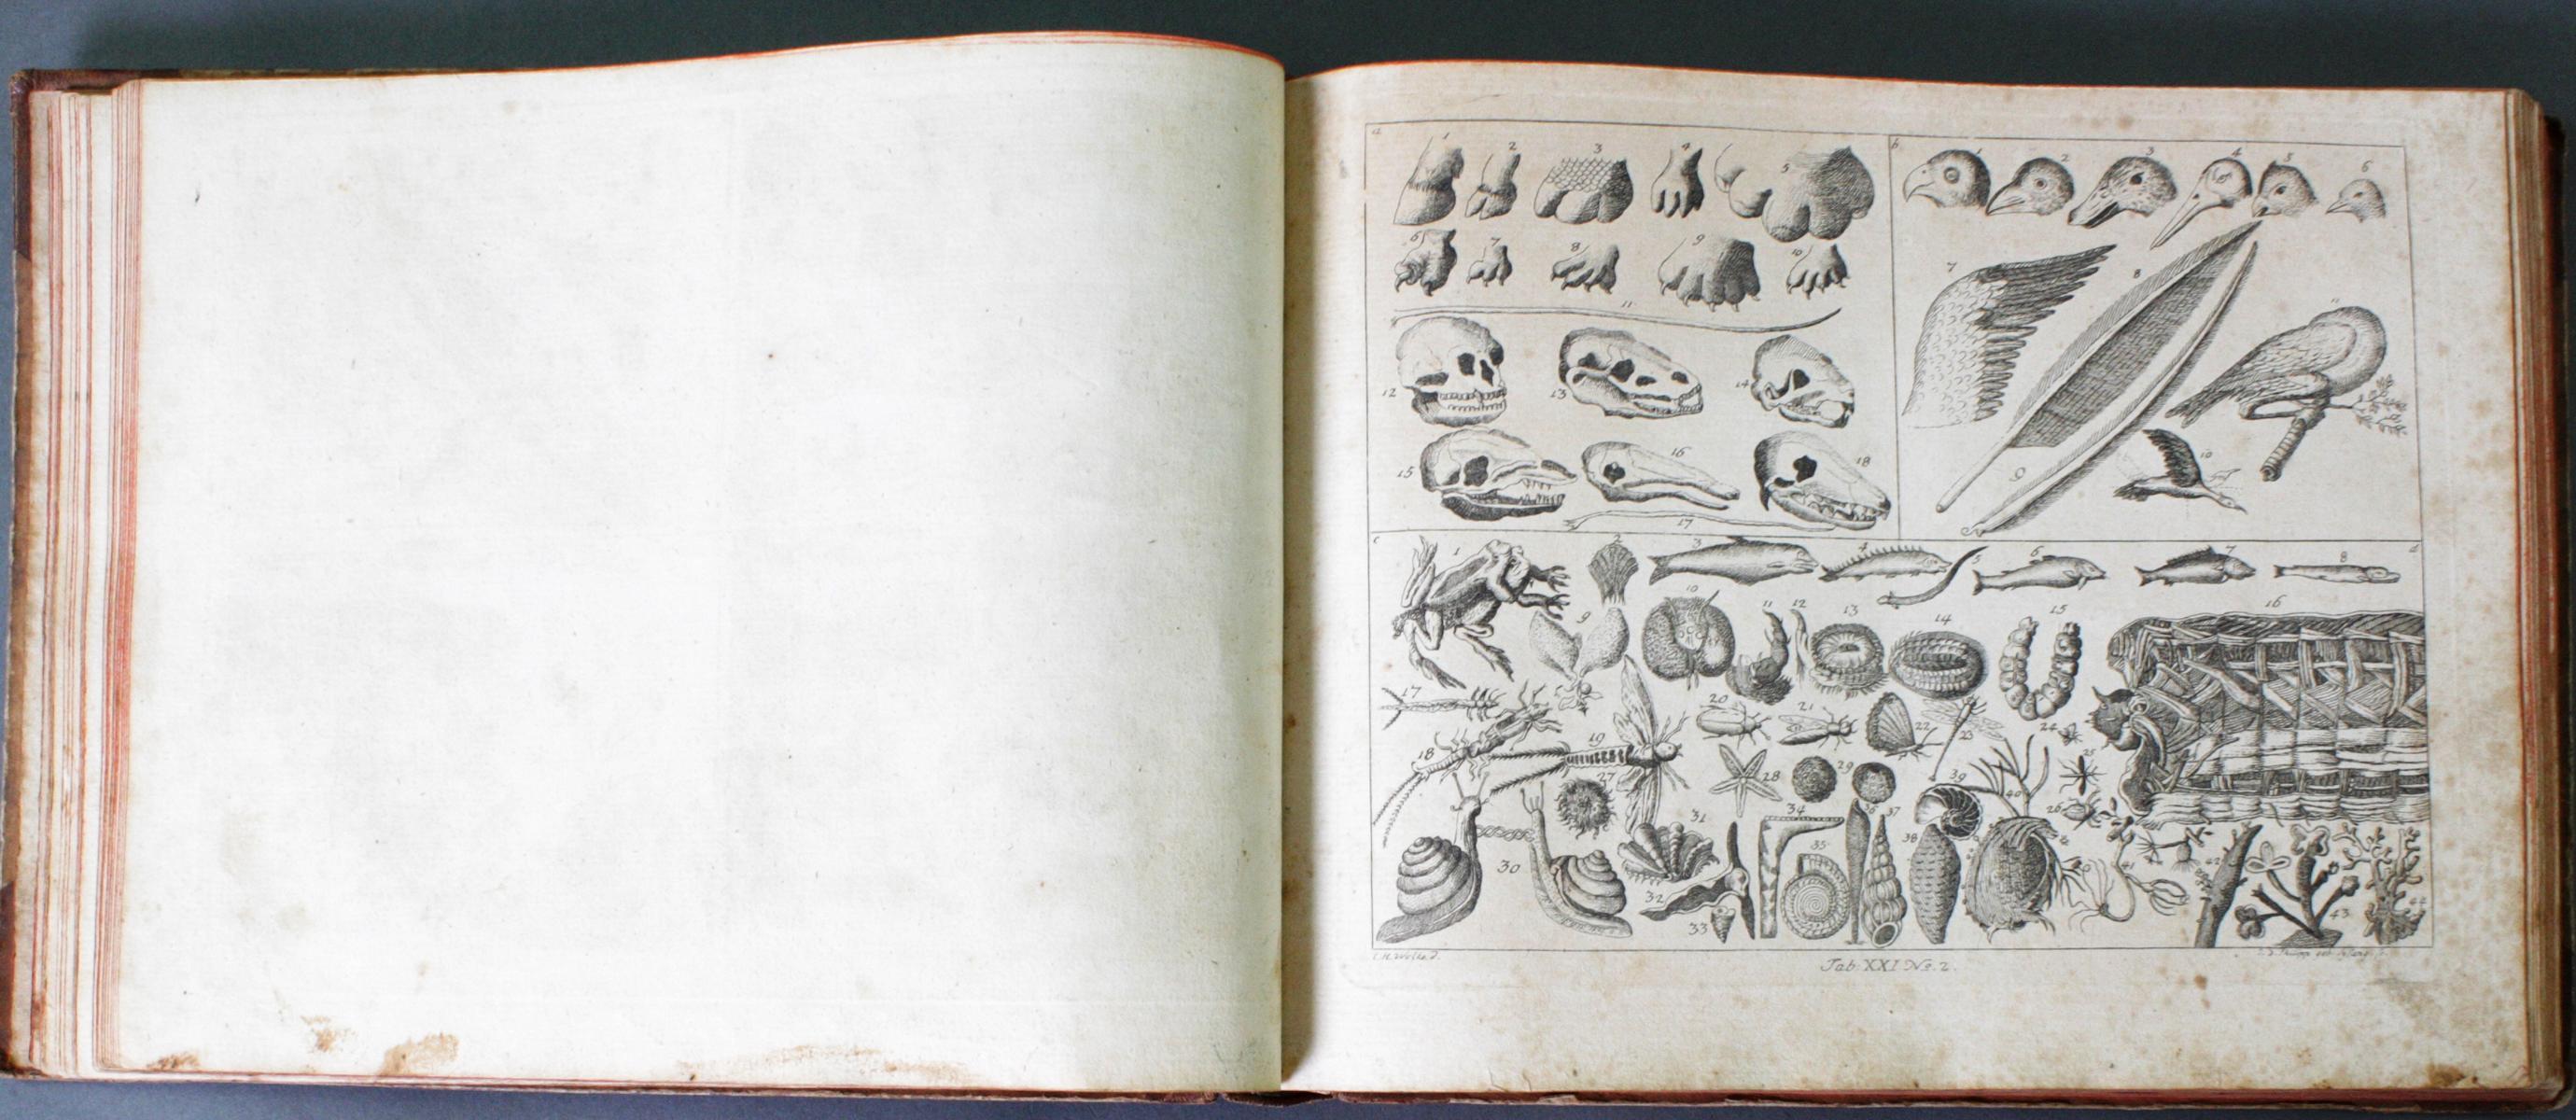 Johann Bernhard Basedow, Kupfersammlung zum Elementarwerk, 1774-5